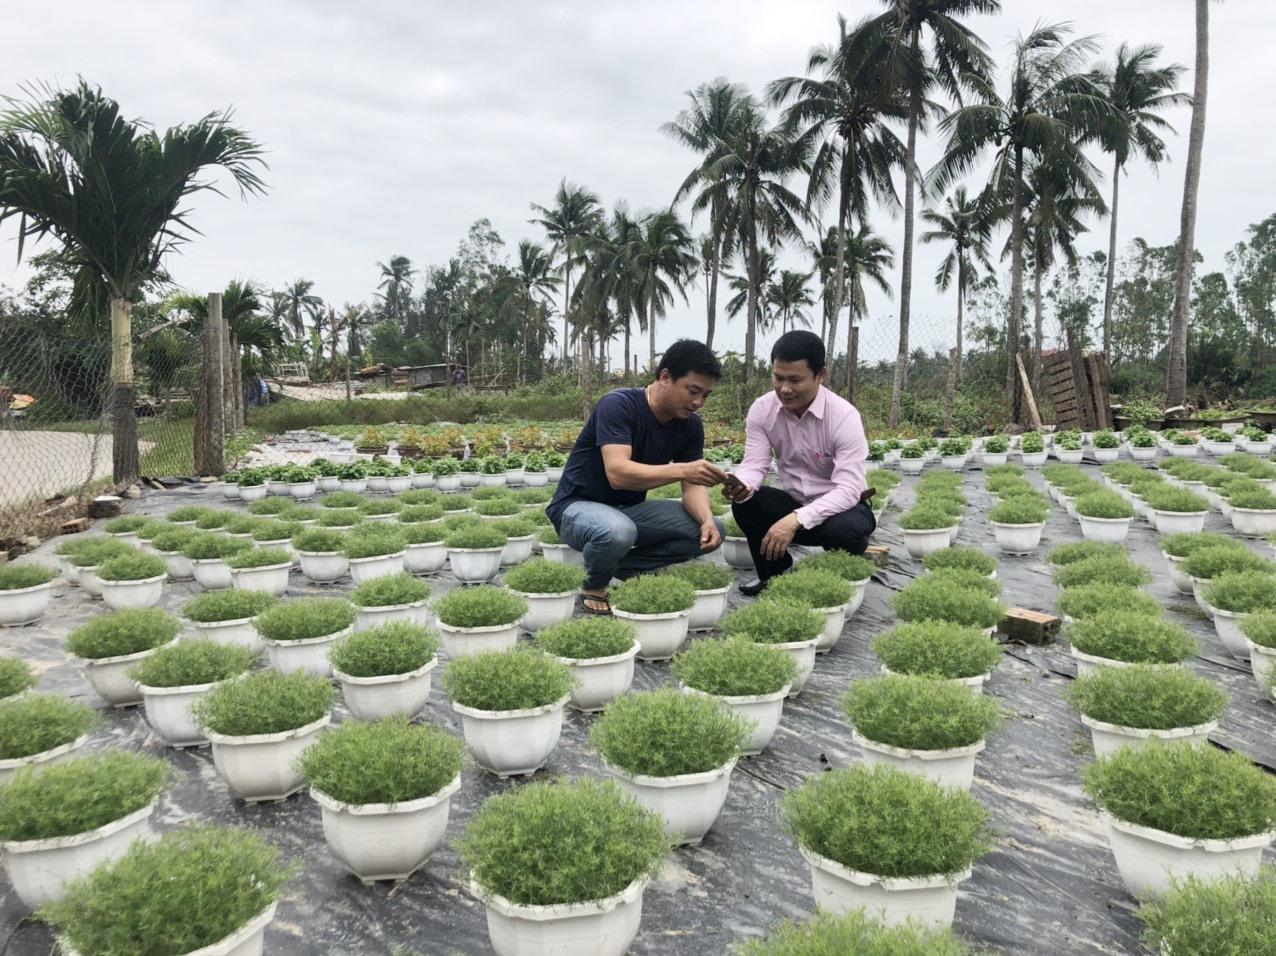 Anh Nguyễn Thành Trung, khối Sơn Phô 2, phường Cẩm Châu vay 50 triệu đồng phát triển sản xuất. Ảnh: Q.H